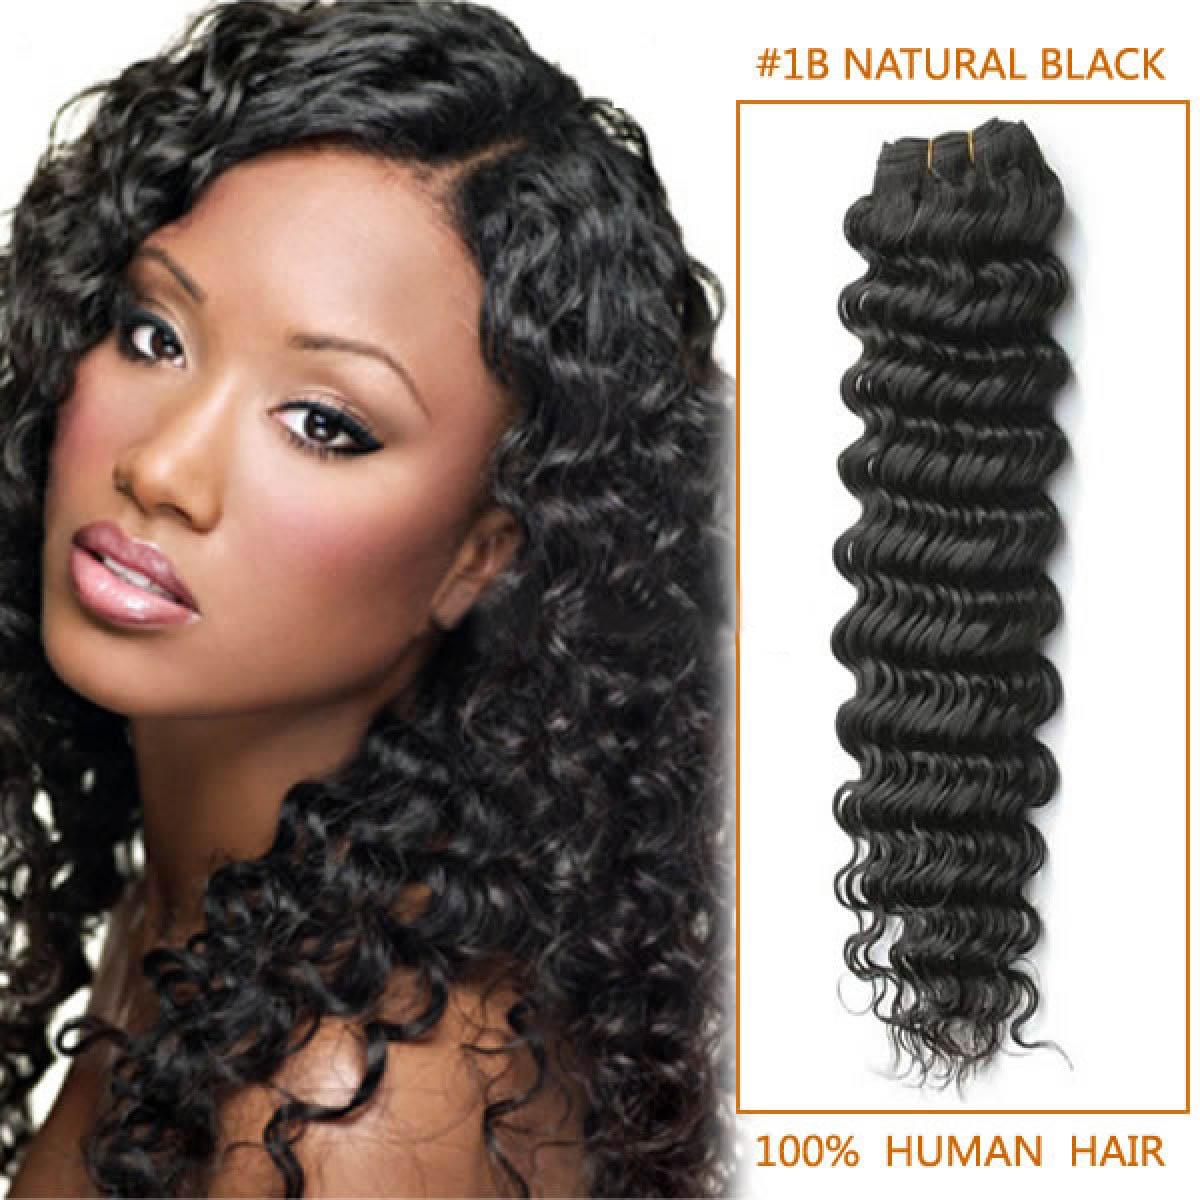 Return Hair Natural Color